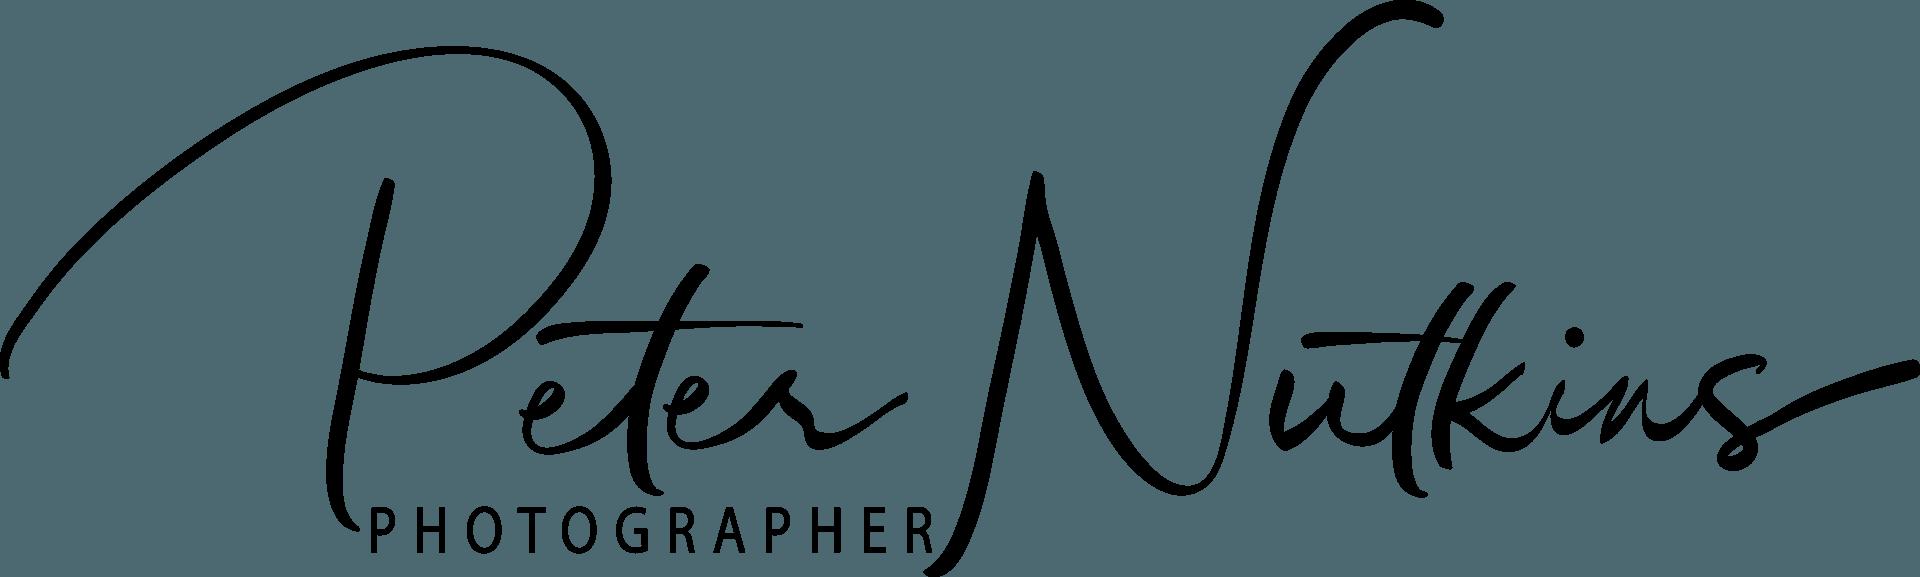 Peter Nutkins Logo